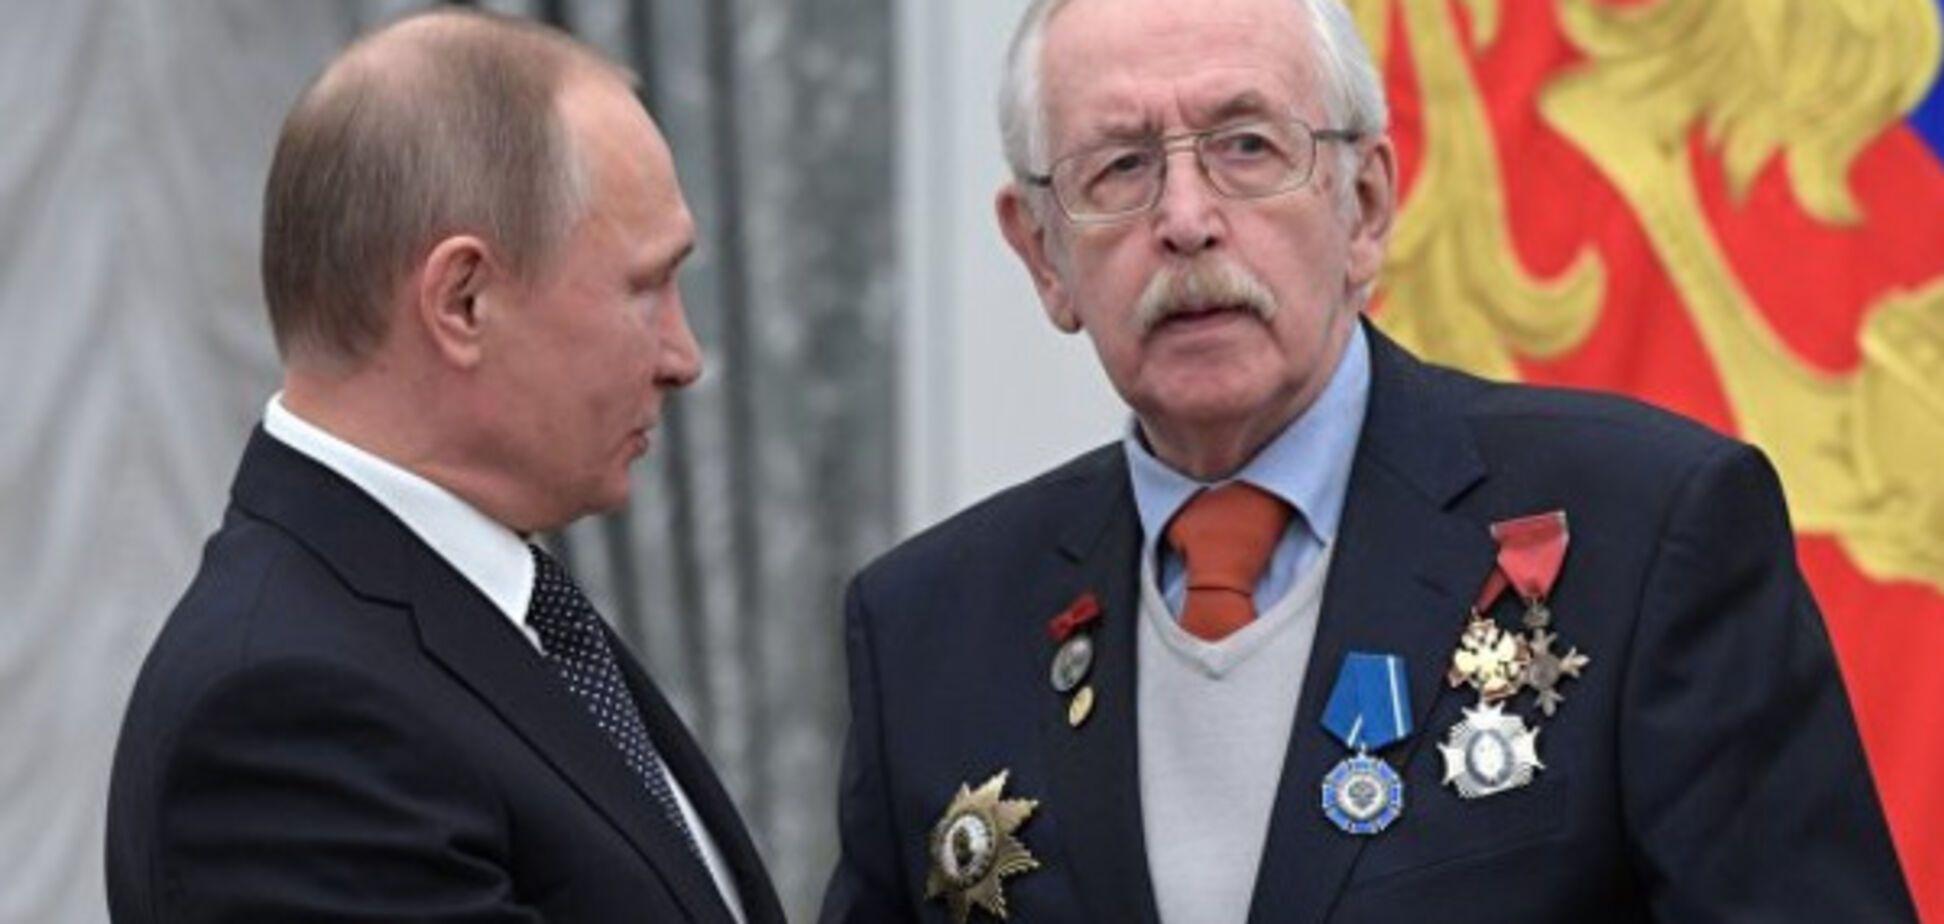 Путин и Ливанов